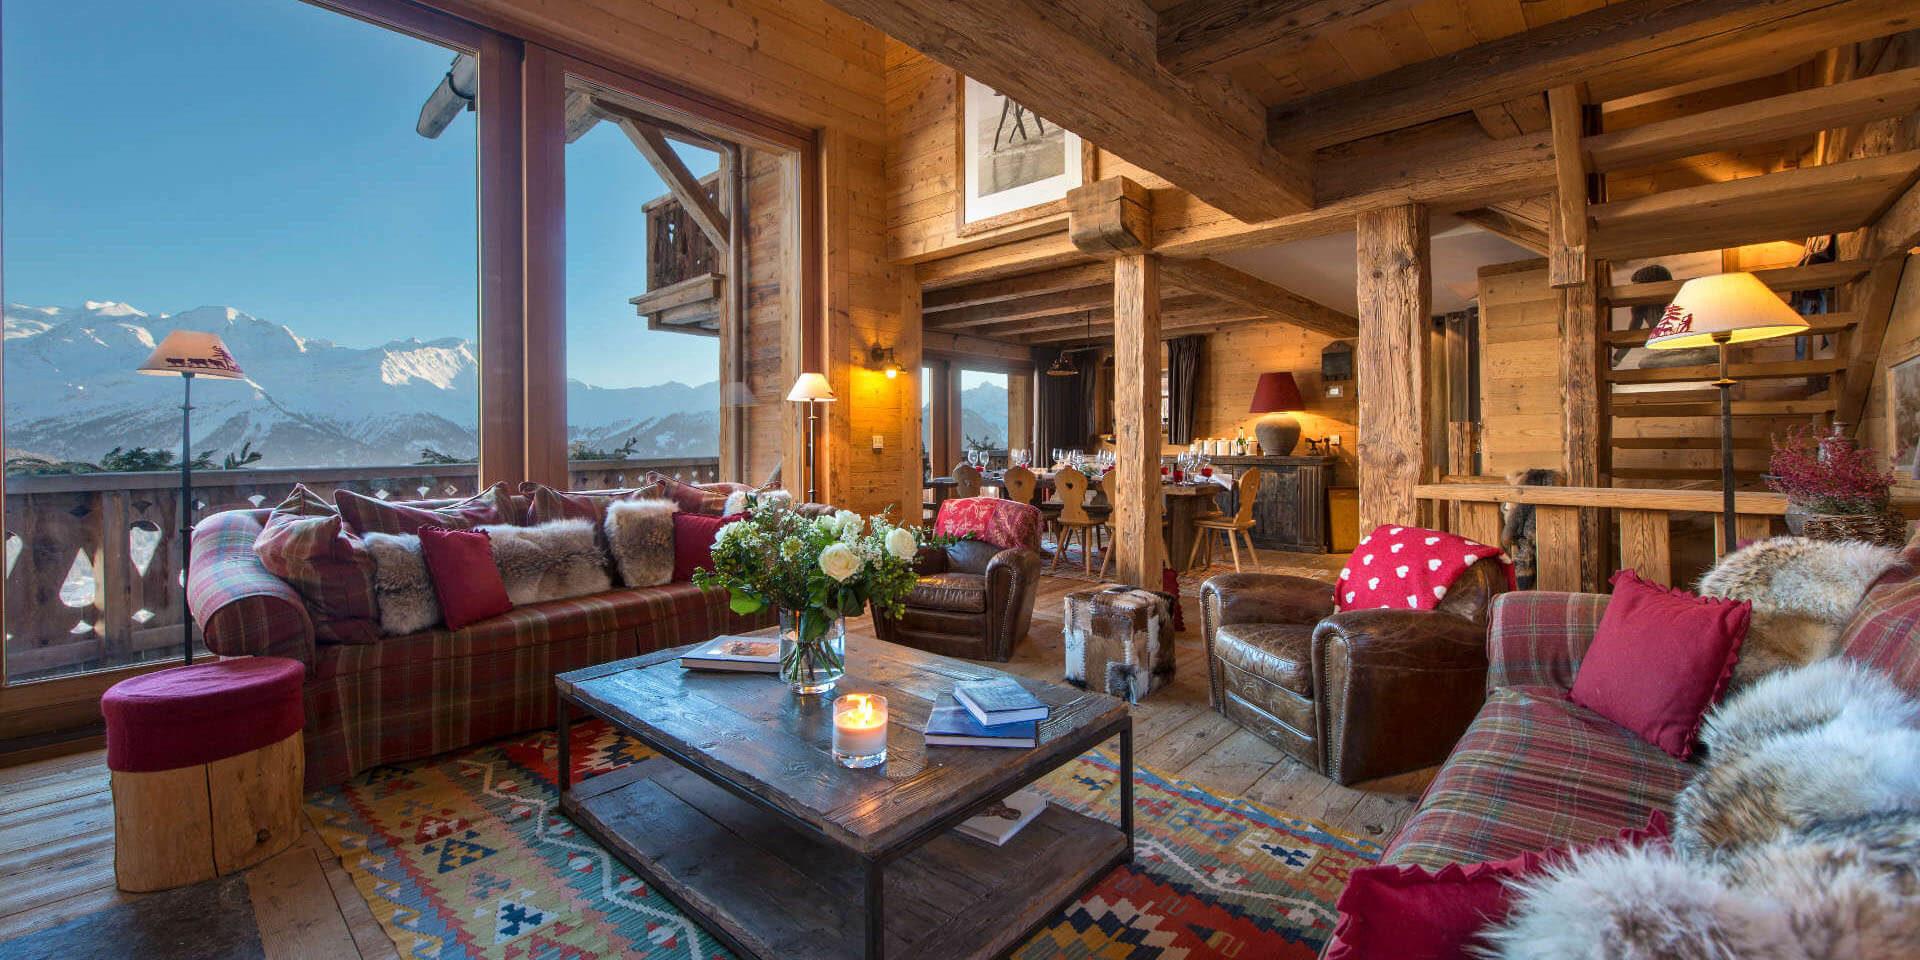 Chalet Nyumba Verbier Les 4 Vallees Zwitserland wintersport skivakantie luxe living banken kussens fauteuils hocker salontafel hout trap eetkamer groot raam uitzicht bergen sneeuw